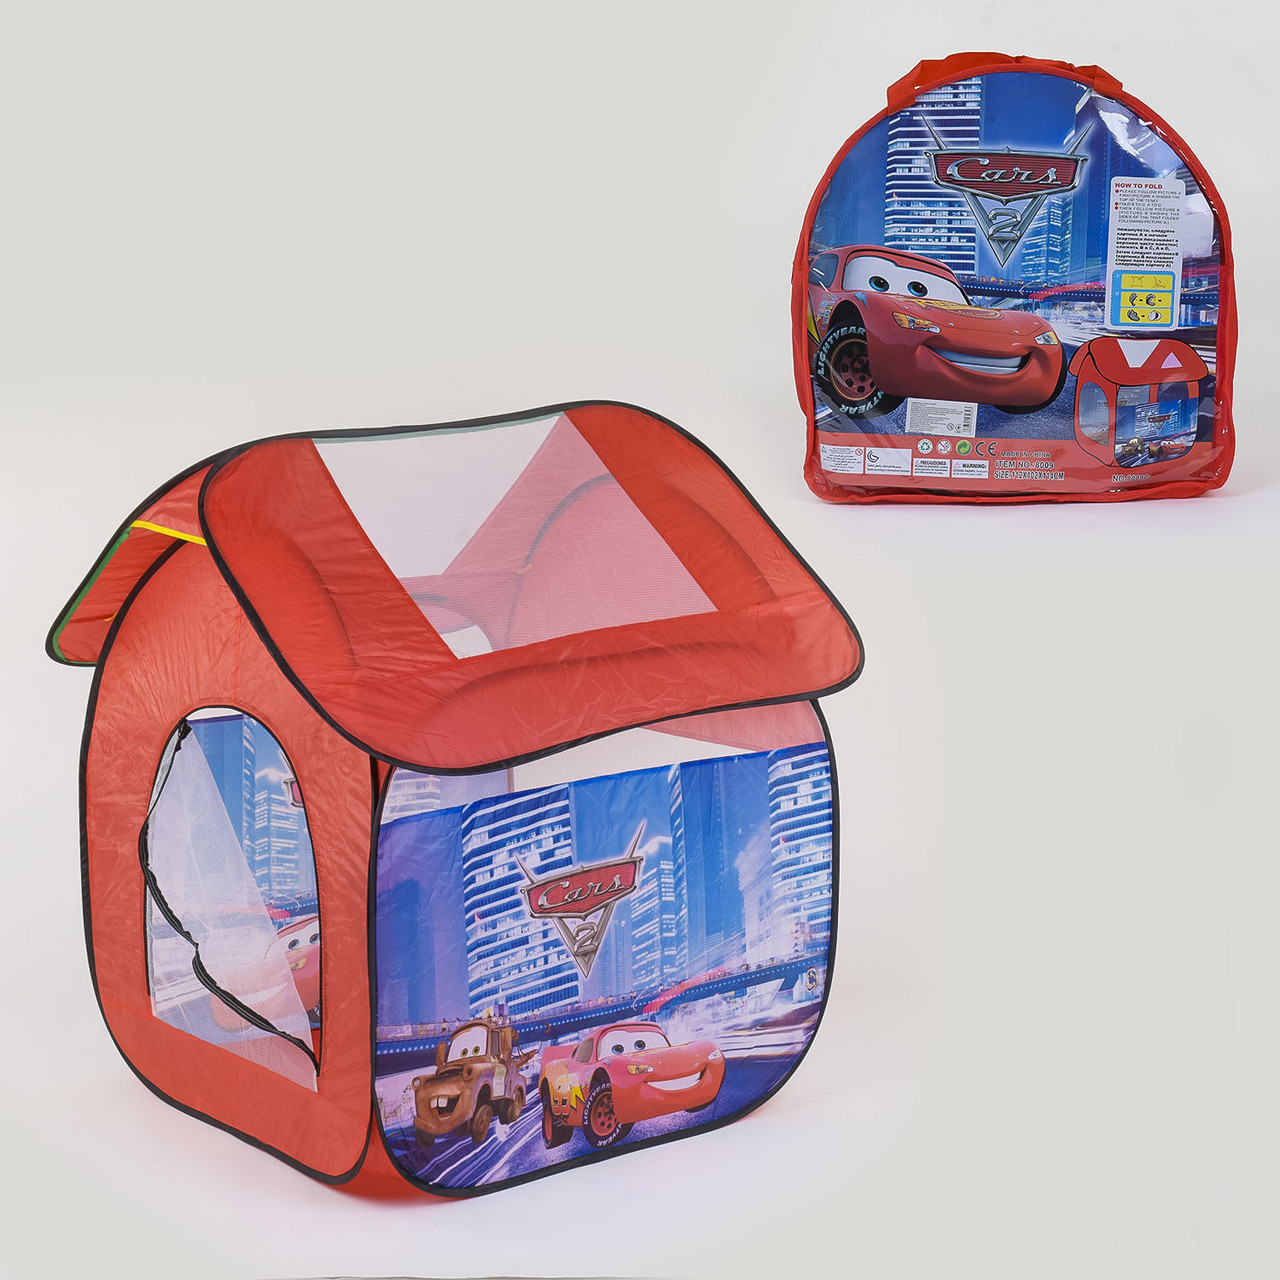 Детская палатка игровая Машинки 8009 С 112х102х114 см в сумке Гарантия качества Быстрая доставка